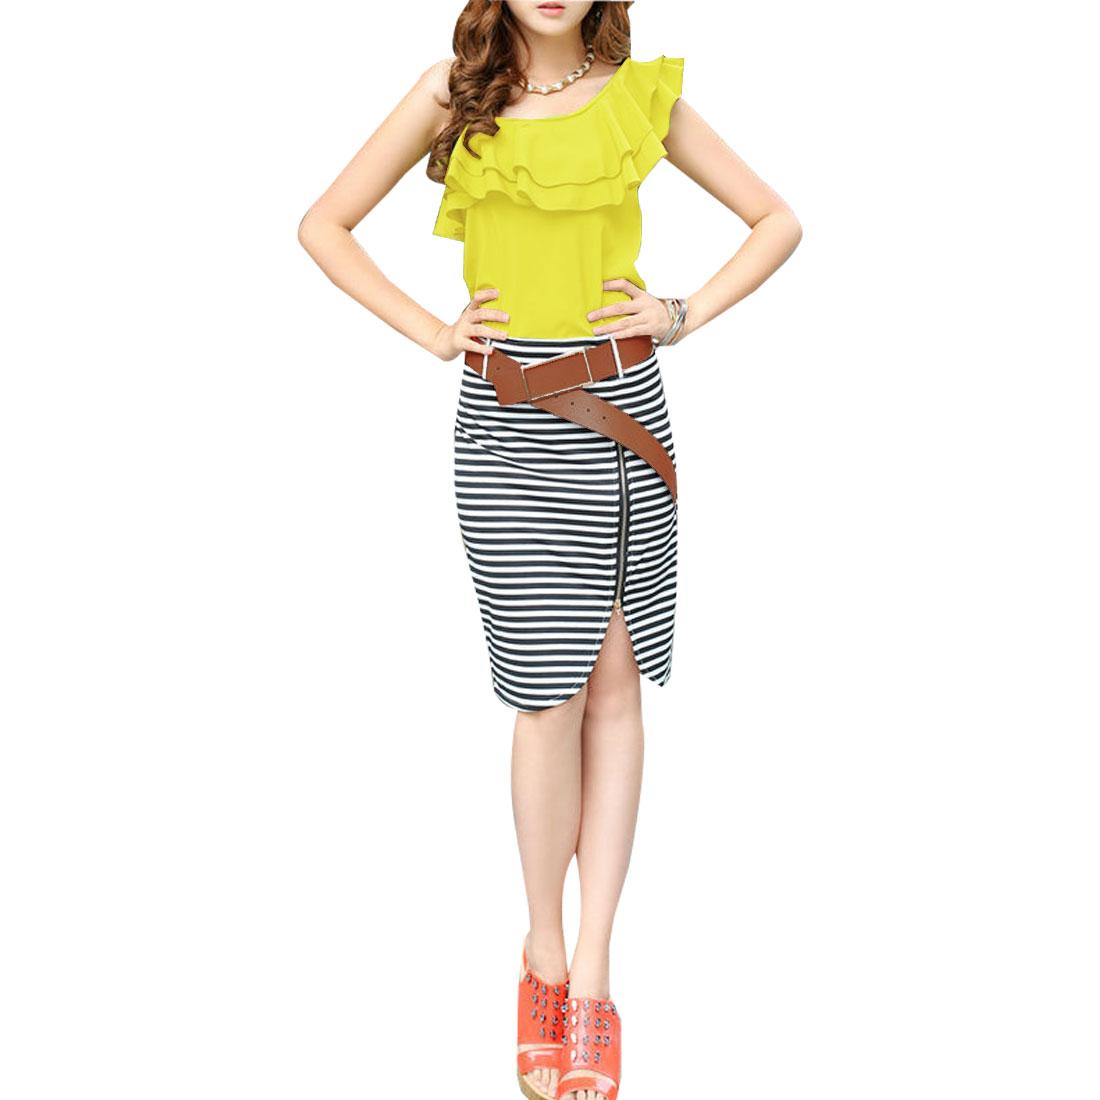 Women Flouncing Upper Zipper Front Belted Stripes Sheath Dress Yellow XS